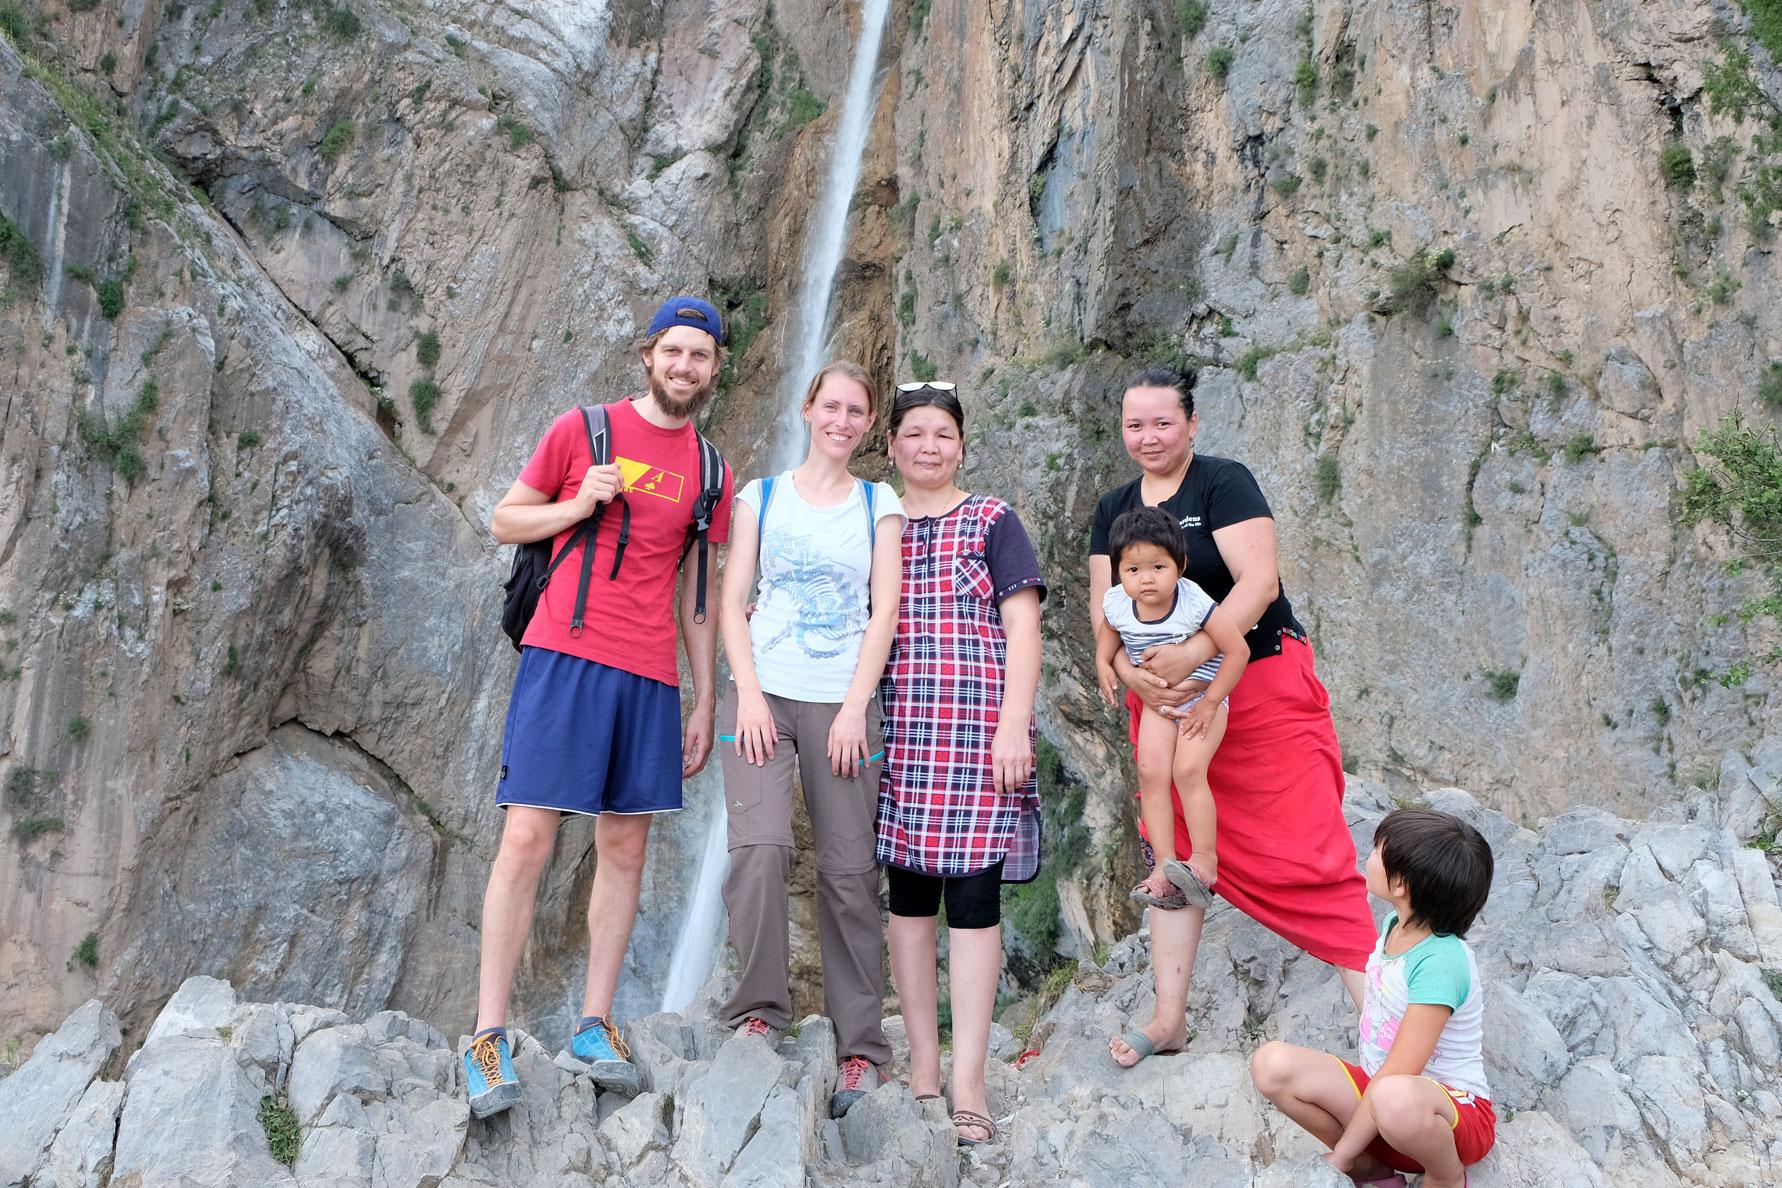 Sebastian und Leo mit kirgisischen Frauen und Kindern vor dem großen Wasserfall in Arslanbob.